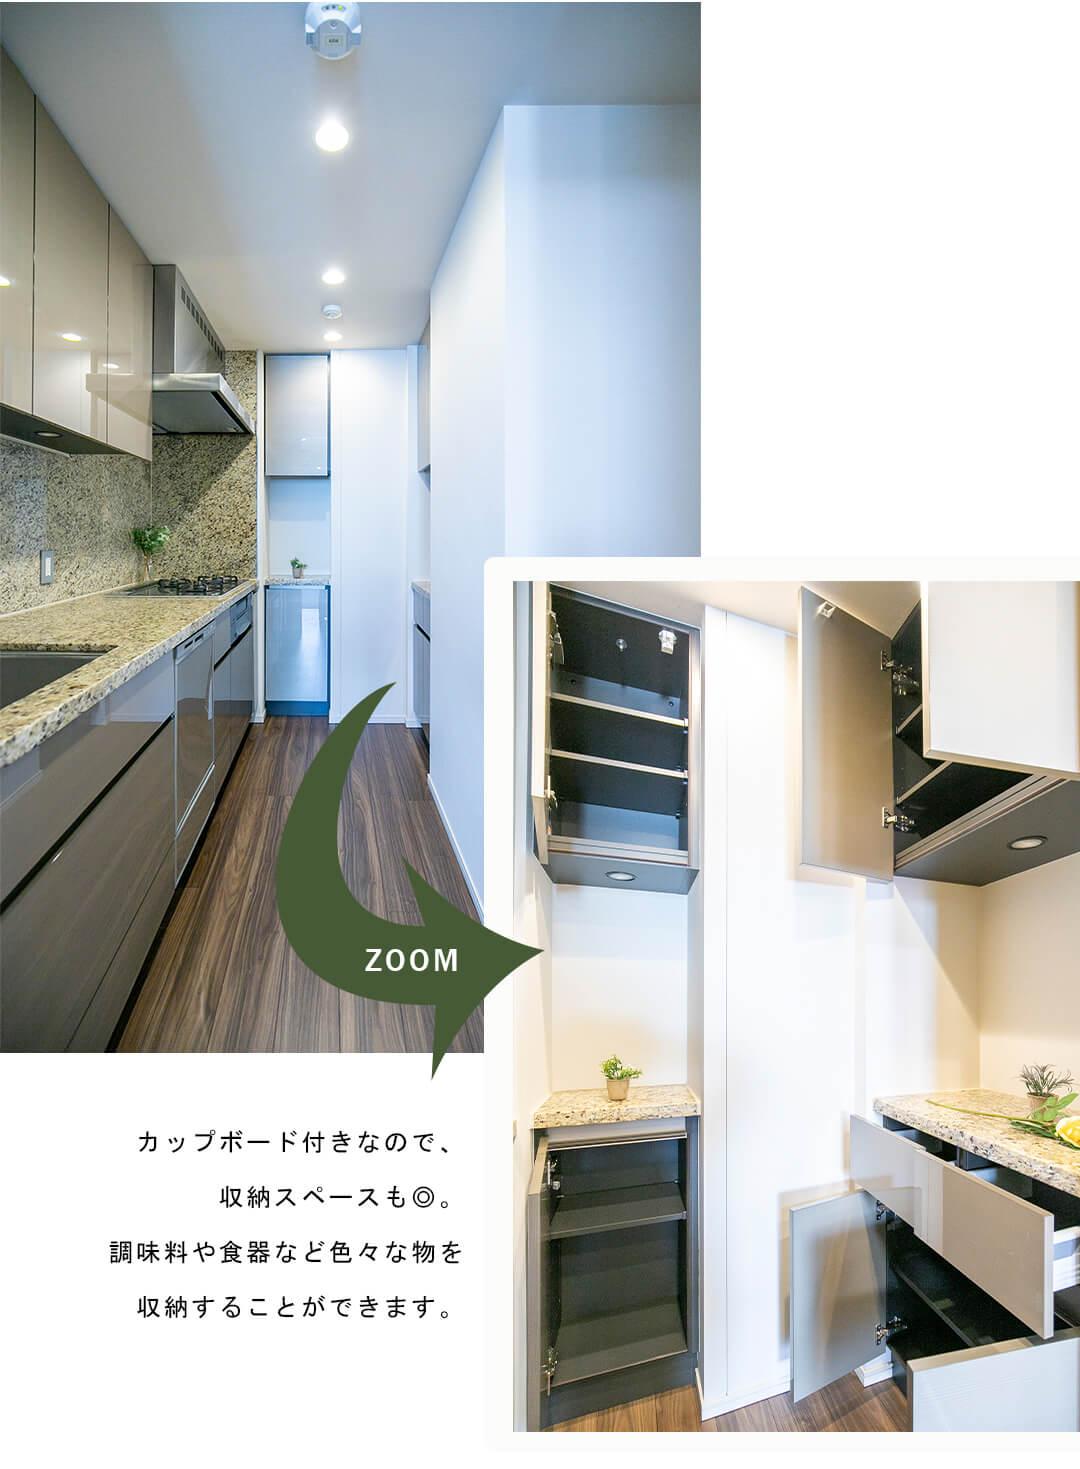 ザ・パークハウス池田山のキッチン